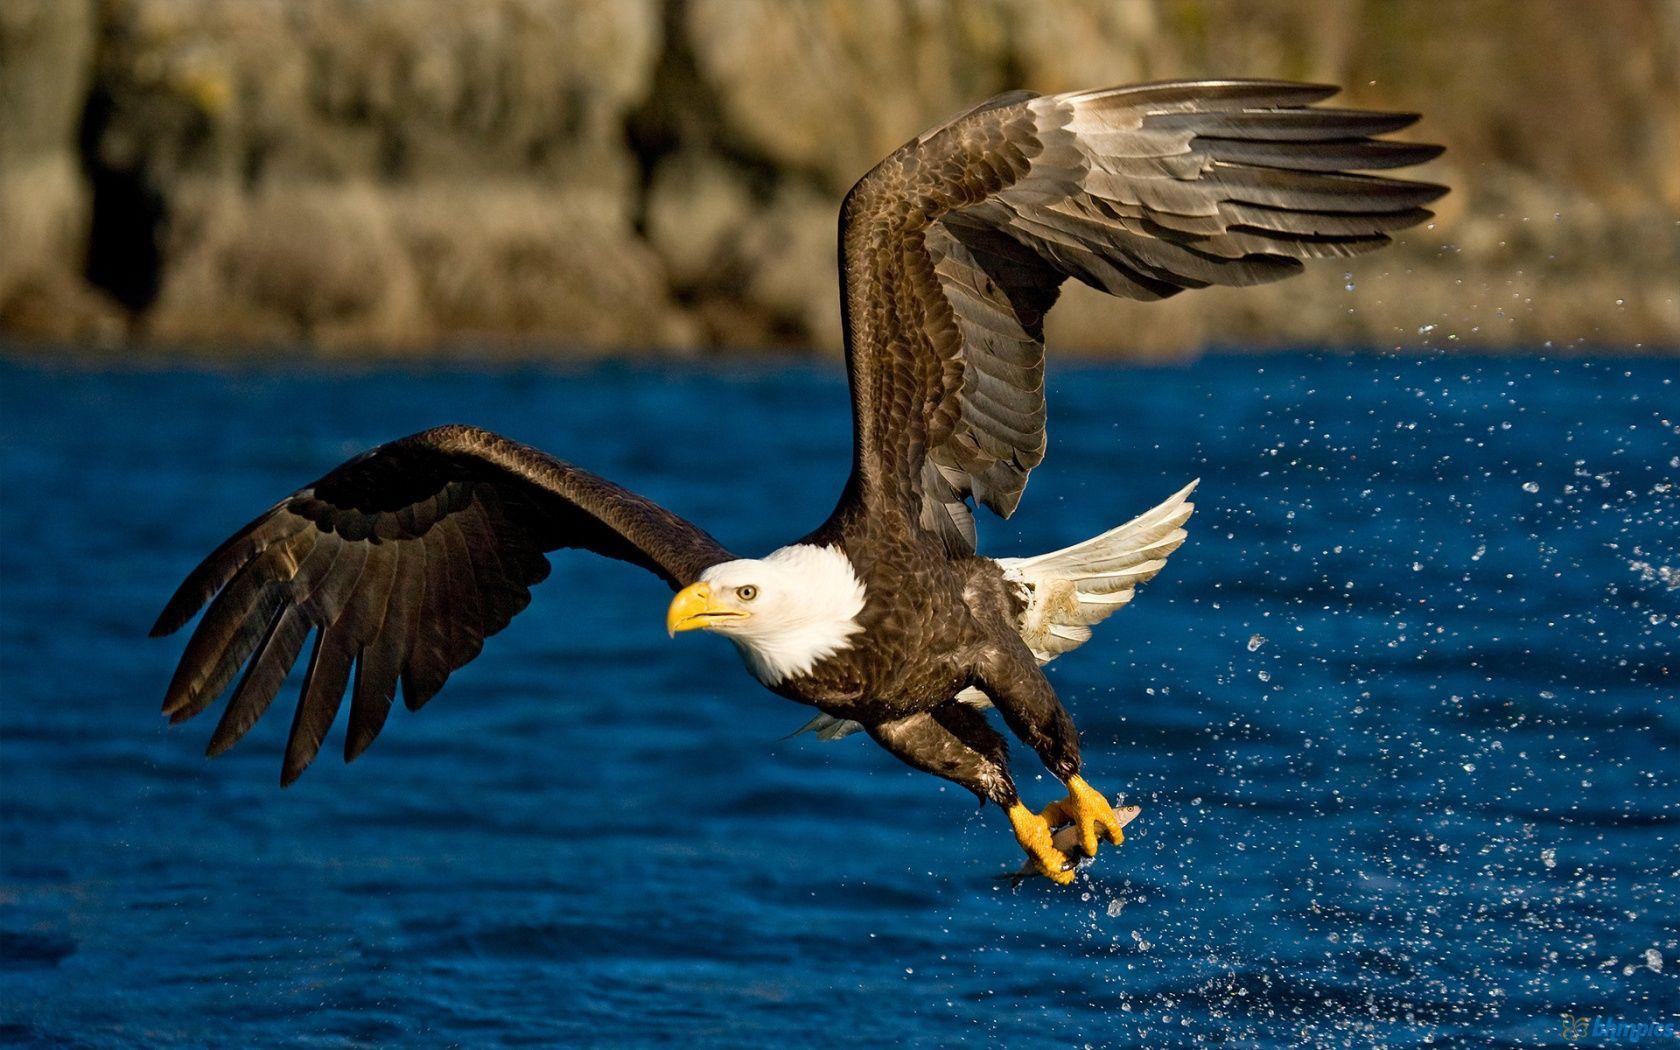 Todos conocemos al animal insignia del país. ¿Pero cómo se llama ese ave?